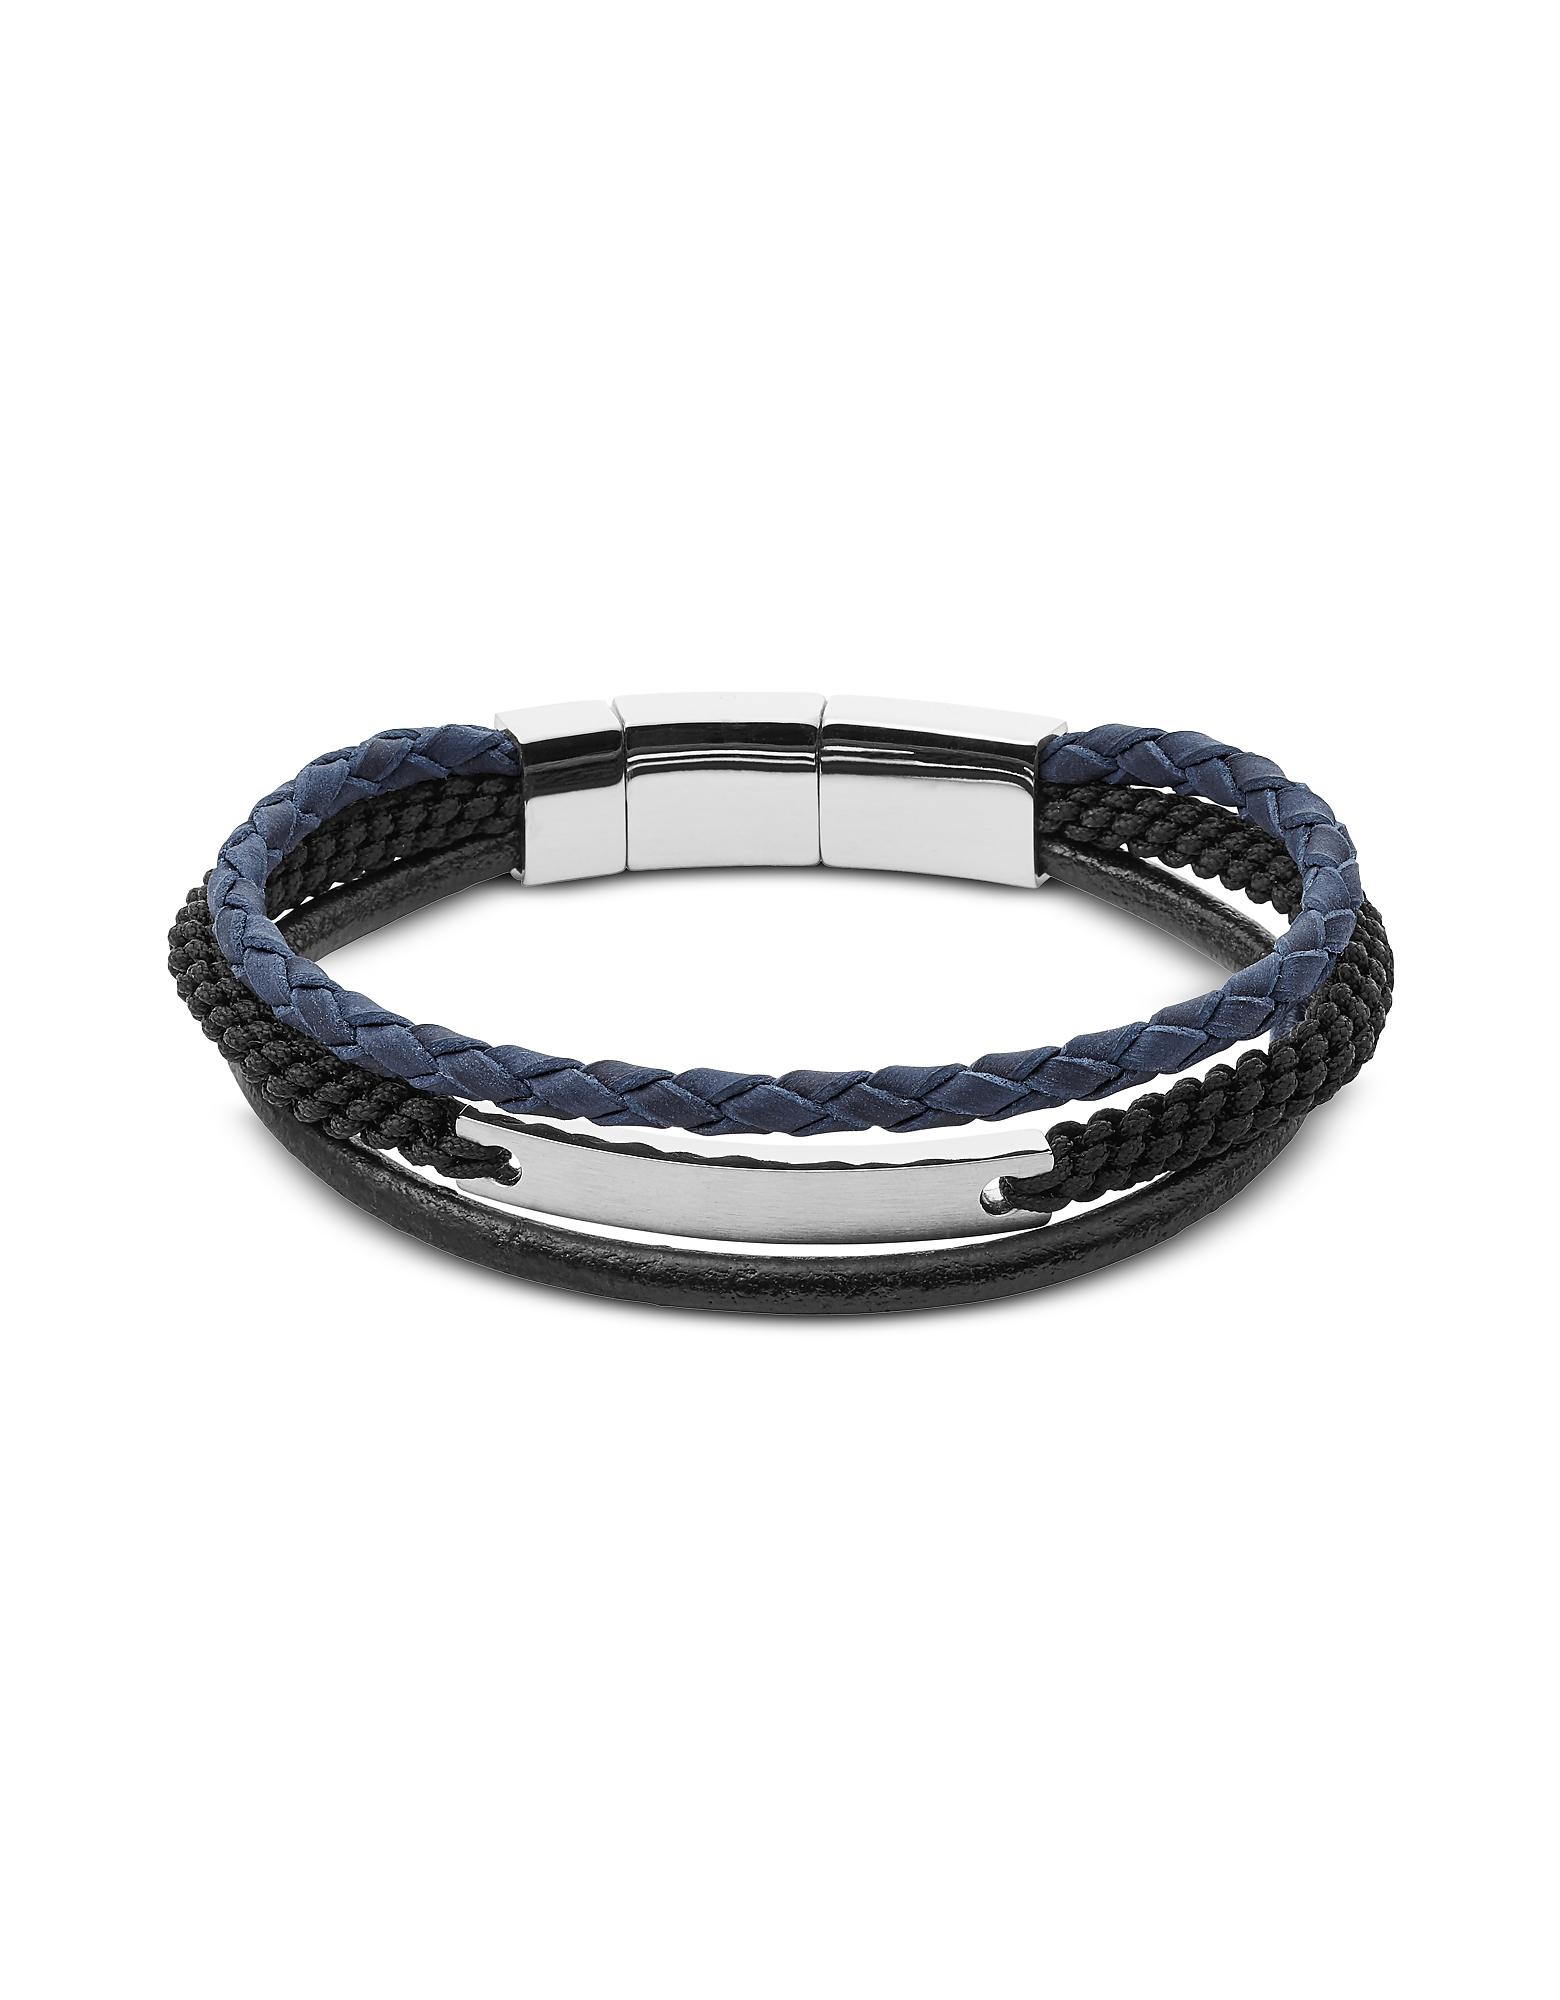 Blue and Black Vintage Casual Multi Strand Men's Bracelet